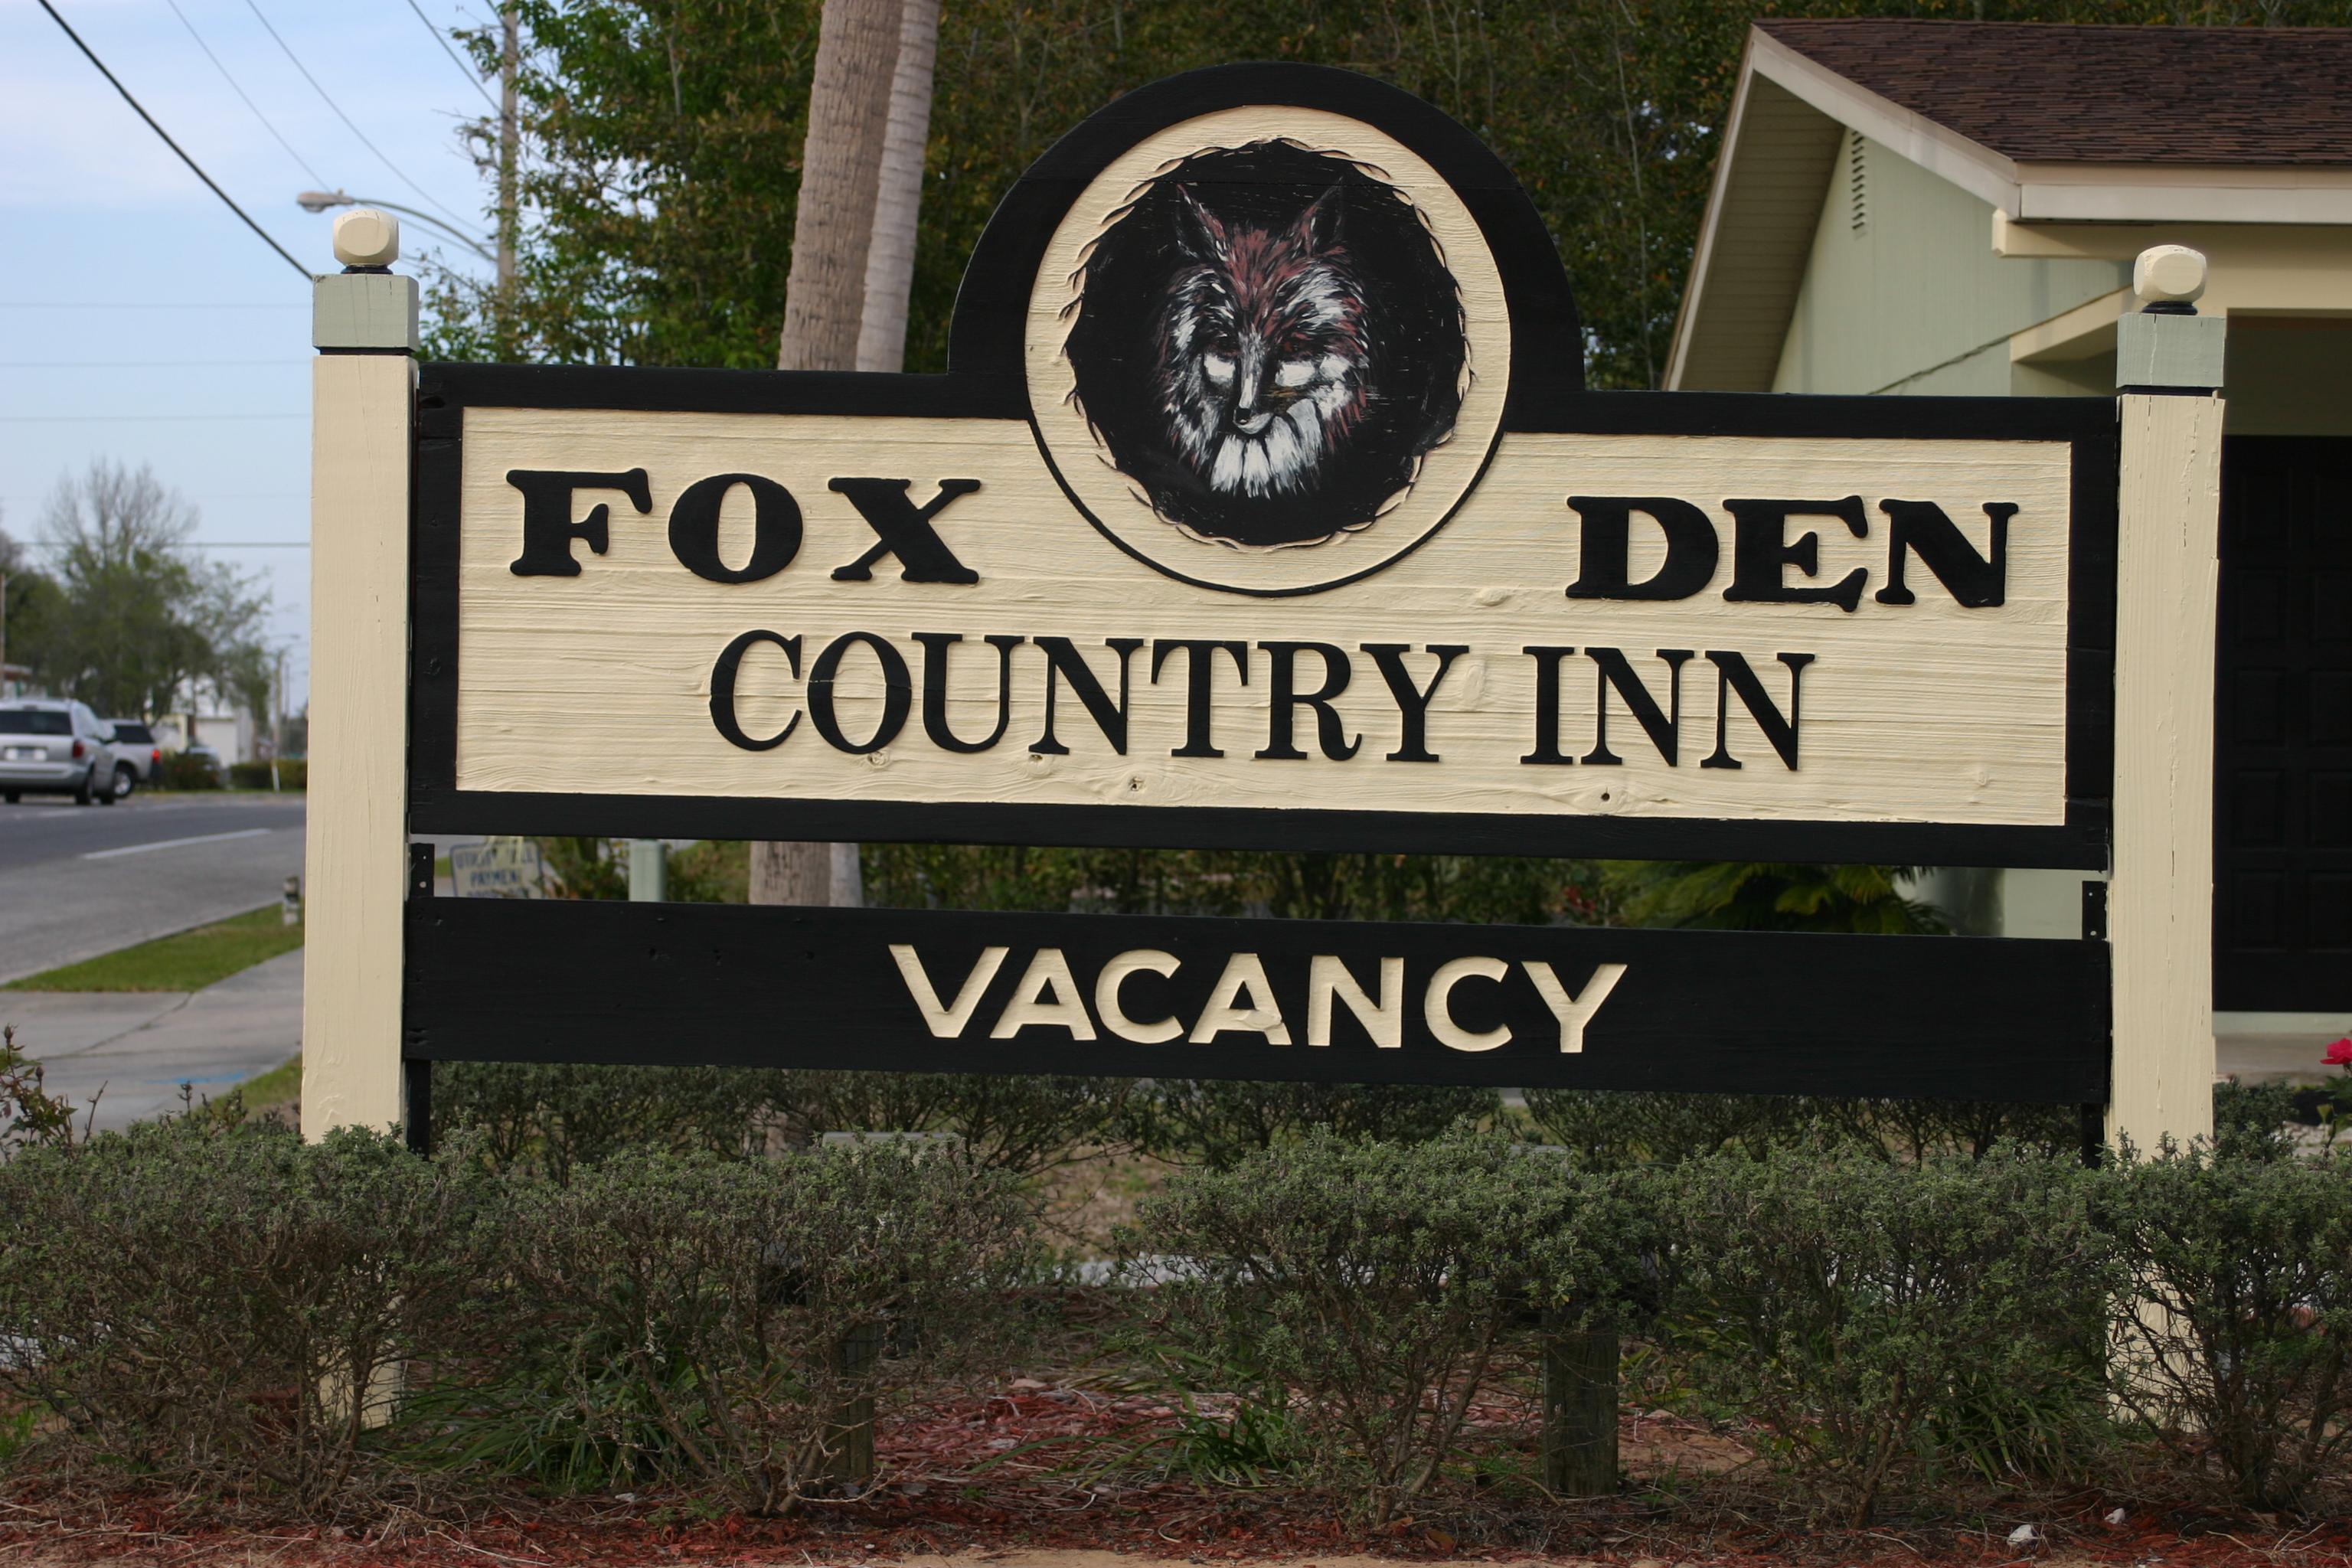 Fox Den Country Inn